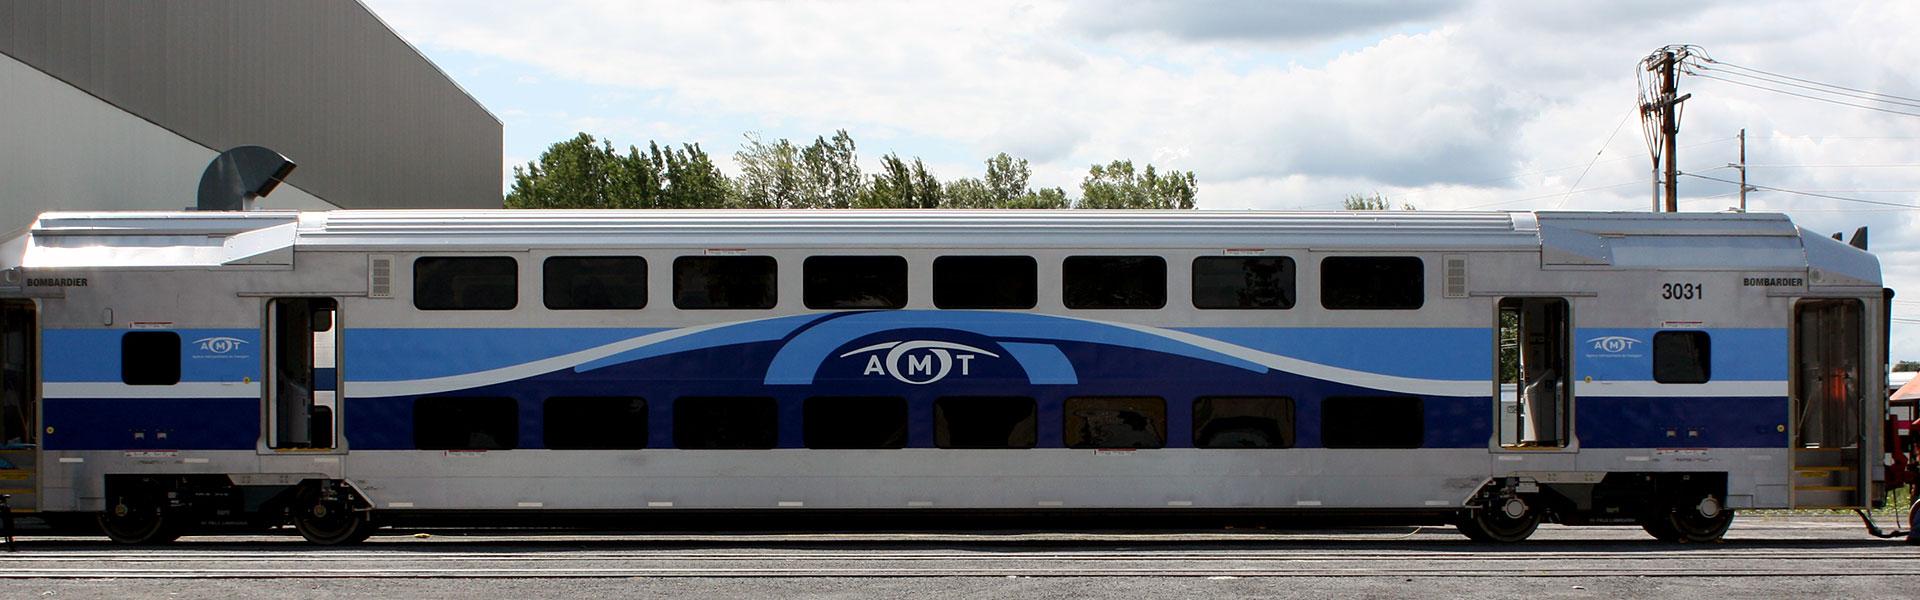 Specialty wrap Header train